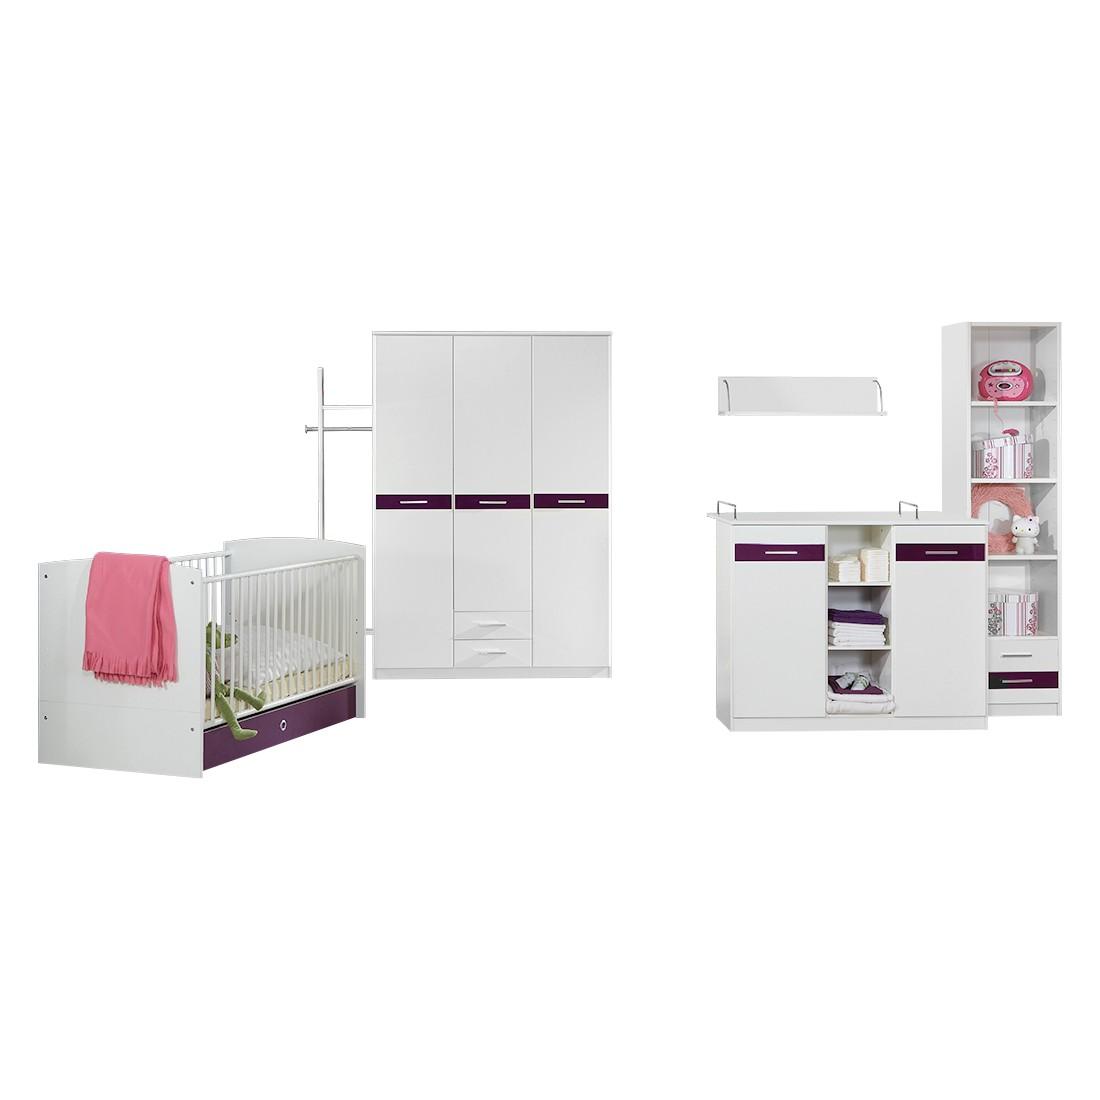 Chambre de bébé Gina (5 éléments) - Blanc alpin / Couleur mûre brillante, Wimex